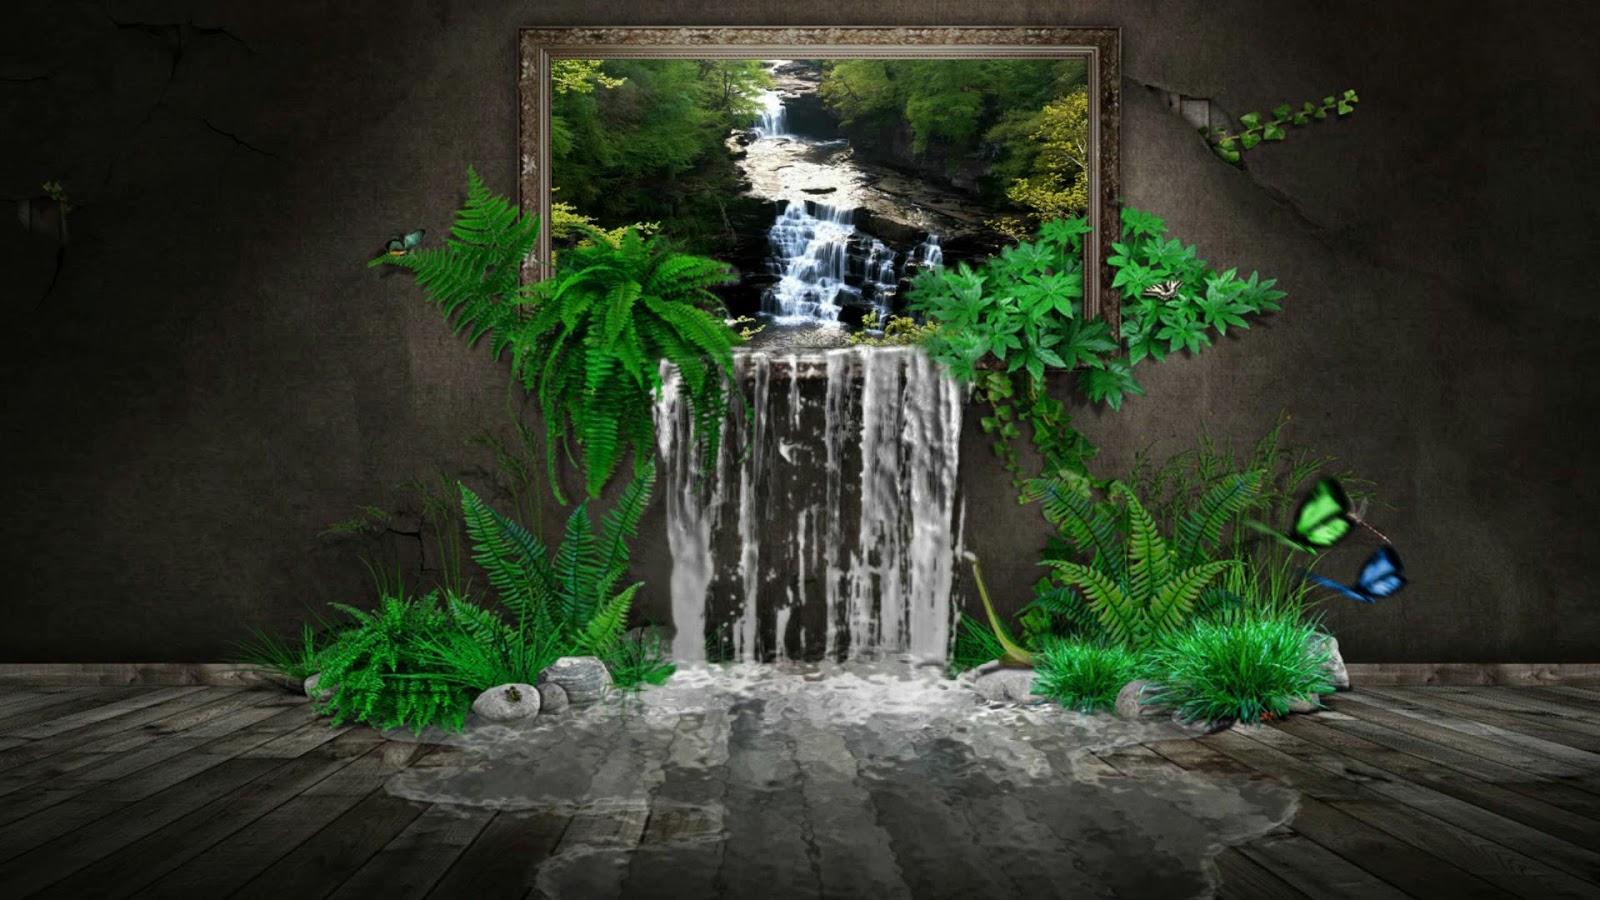 Fondos-de-pantalla-con-movimiento-de-paisajes-muchos-animados-xp-7